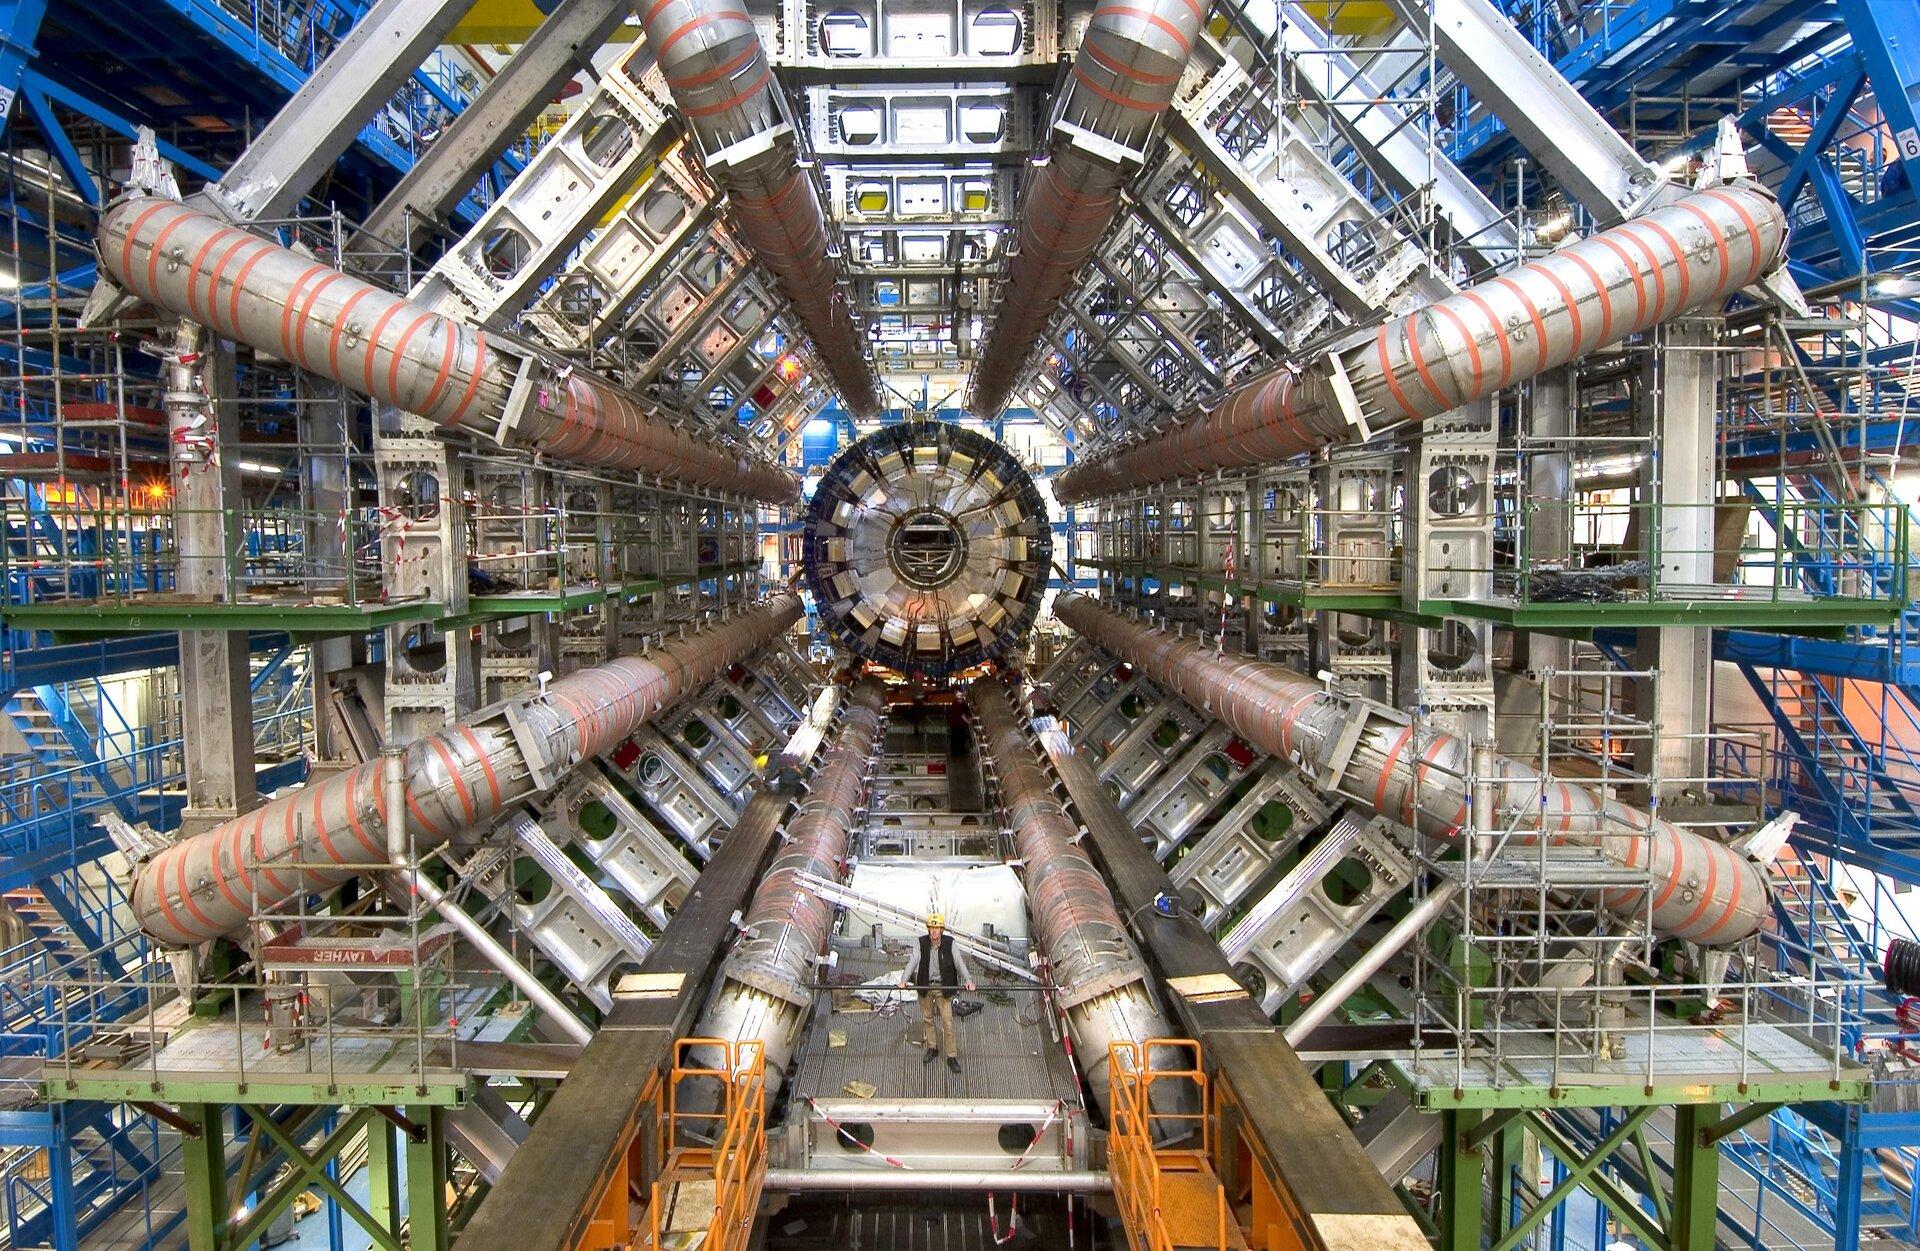 Zdjęcie przedstawia wnętrze ogromnego tunelu rozszerzającego się wpomieszczenie pełne skomplikowanych urządzeń. Uwagę zwraca przede wszystkim osiem koncentrycznie równomiernie ciągnących się wzdłuż tunelu rur oznaczonych czerwonymi pasami. Otaczające całą maszynerię rusztowania, platformy ischody oraz przede wszystkim znajdujący się na pierwszym planie człowiek wżółtym kasku stojący pomiędzy dwoma rurami, zktórych każda okazuje się mieć ponad metr średnicy doskonale pokazują skalę kolosalnych rozmiarów całego kompleksu, który jest tak naprawdę jednym urządzeniem.